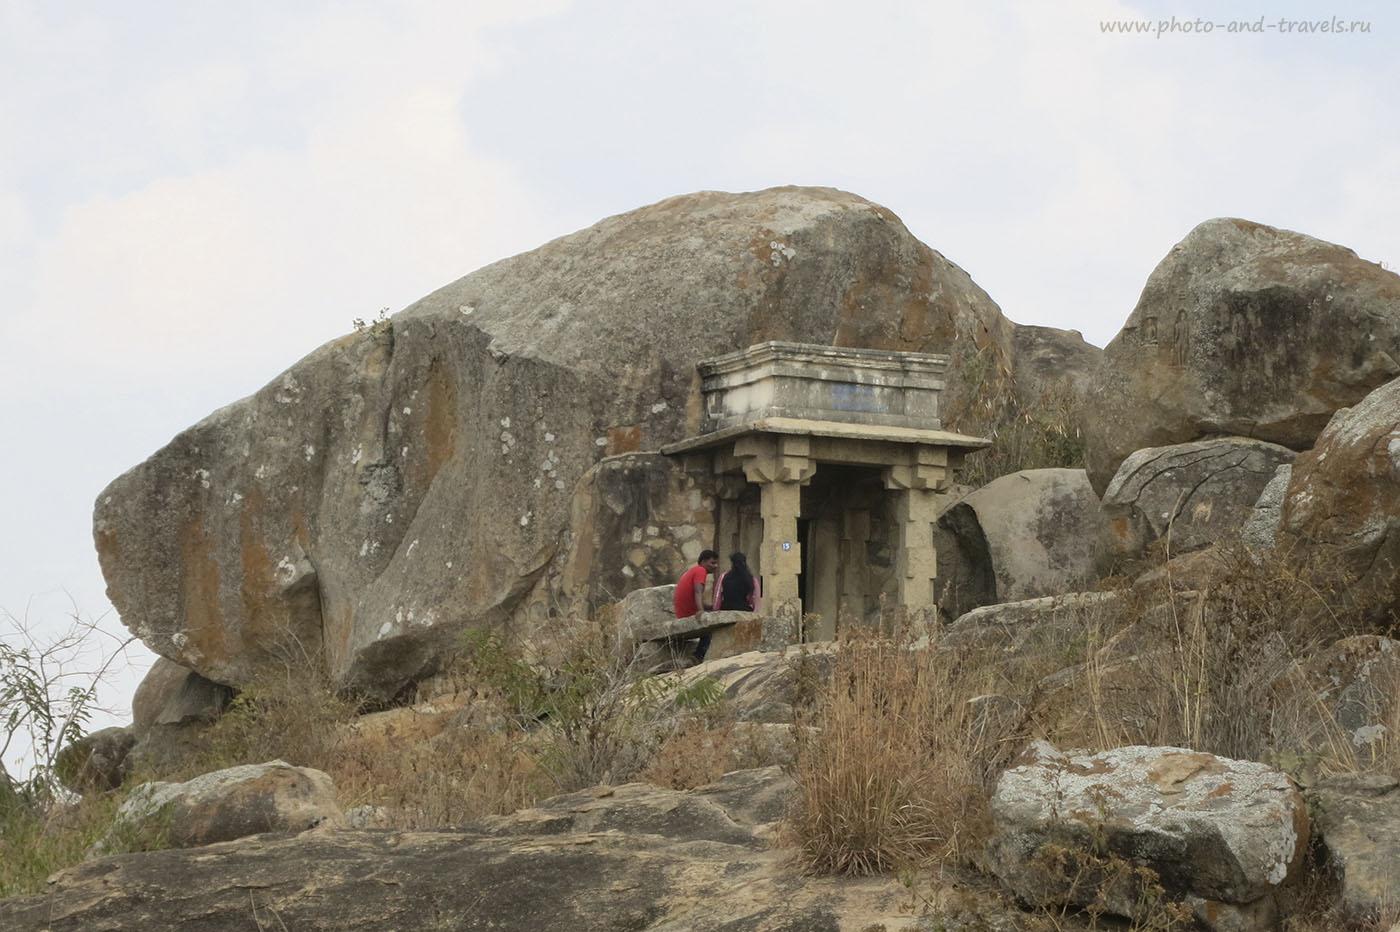 Фотография 18. Путешествие в Индию. Пещера джайнского святого Бхадрабаху на холме Чандрагири в Карнатаке . 1/320, 5.9, 160, 26. Снято на мыльницу Canon Powershot S110